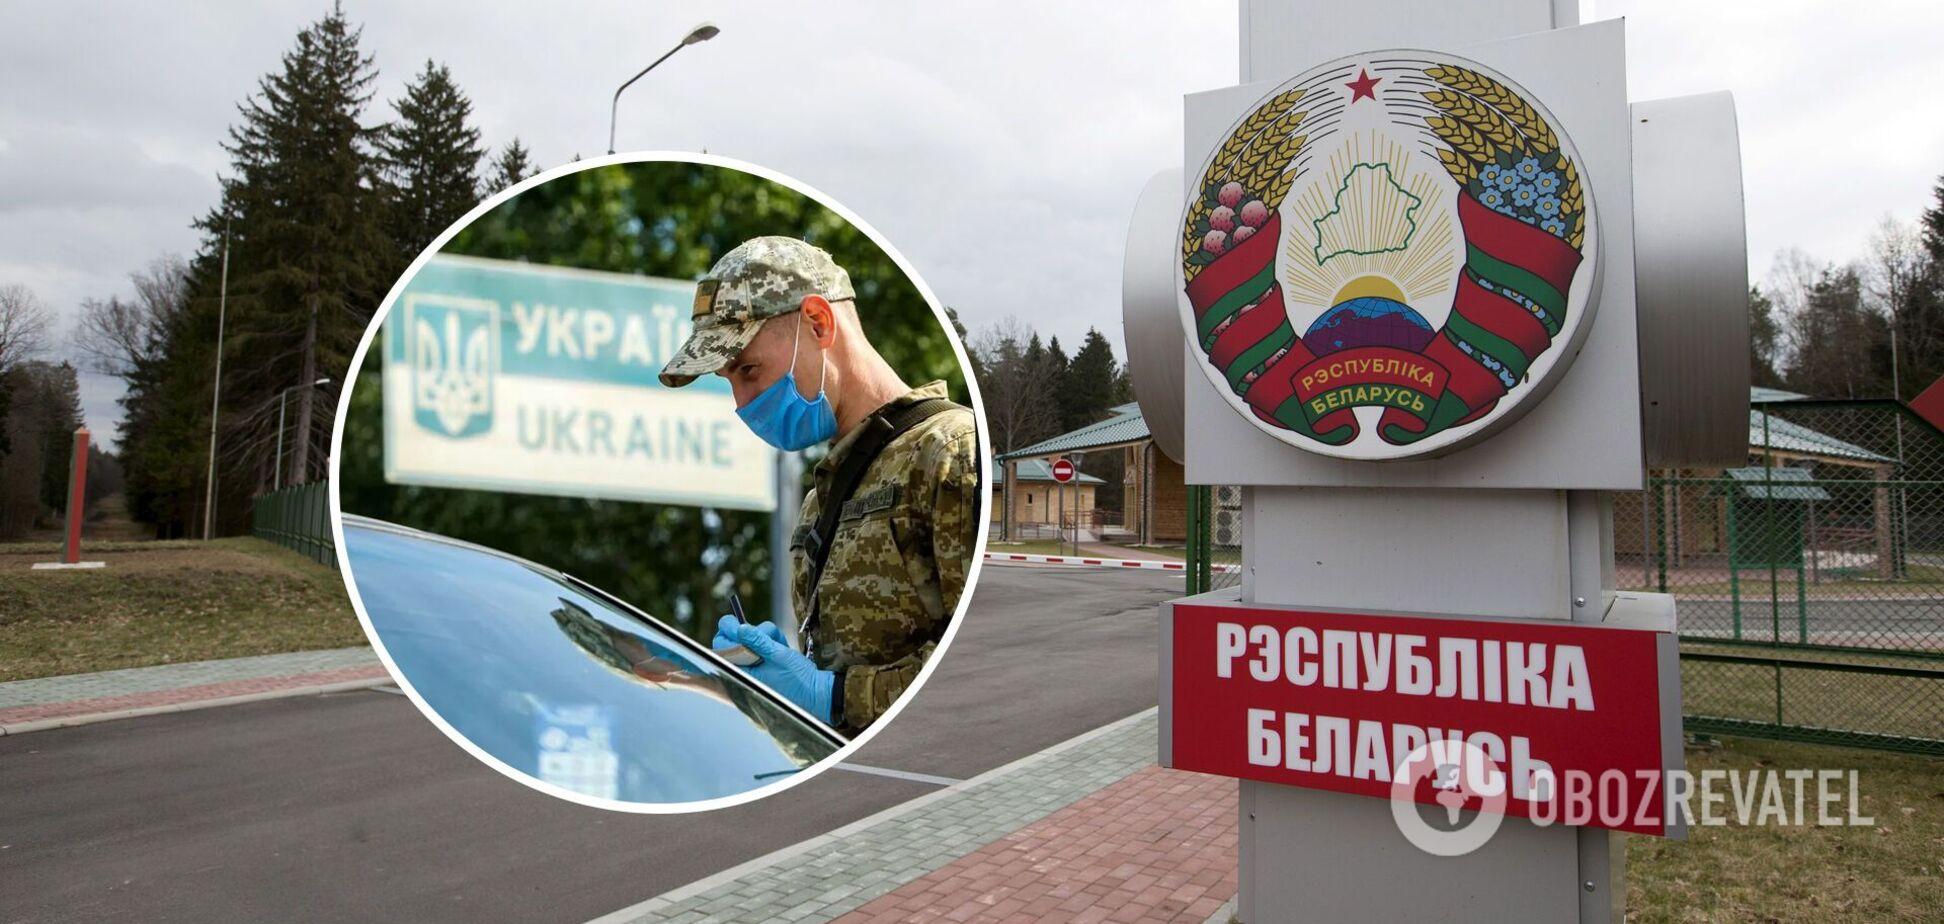 Белорусские власти приостанавливают выезд граждан через наземные границы страны